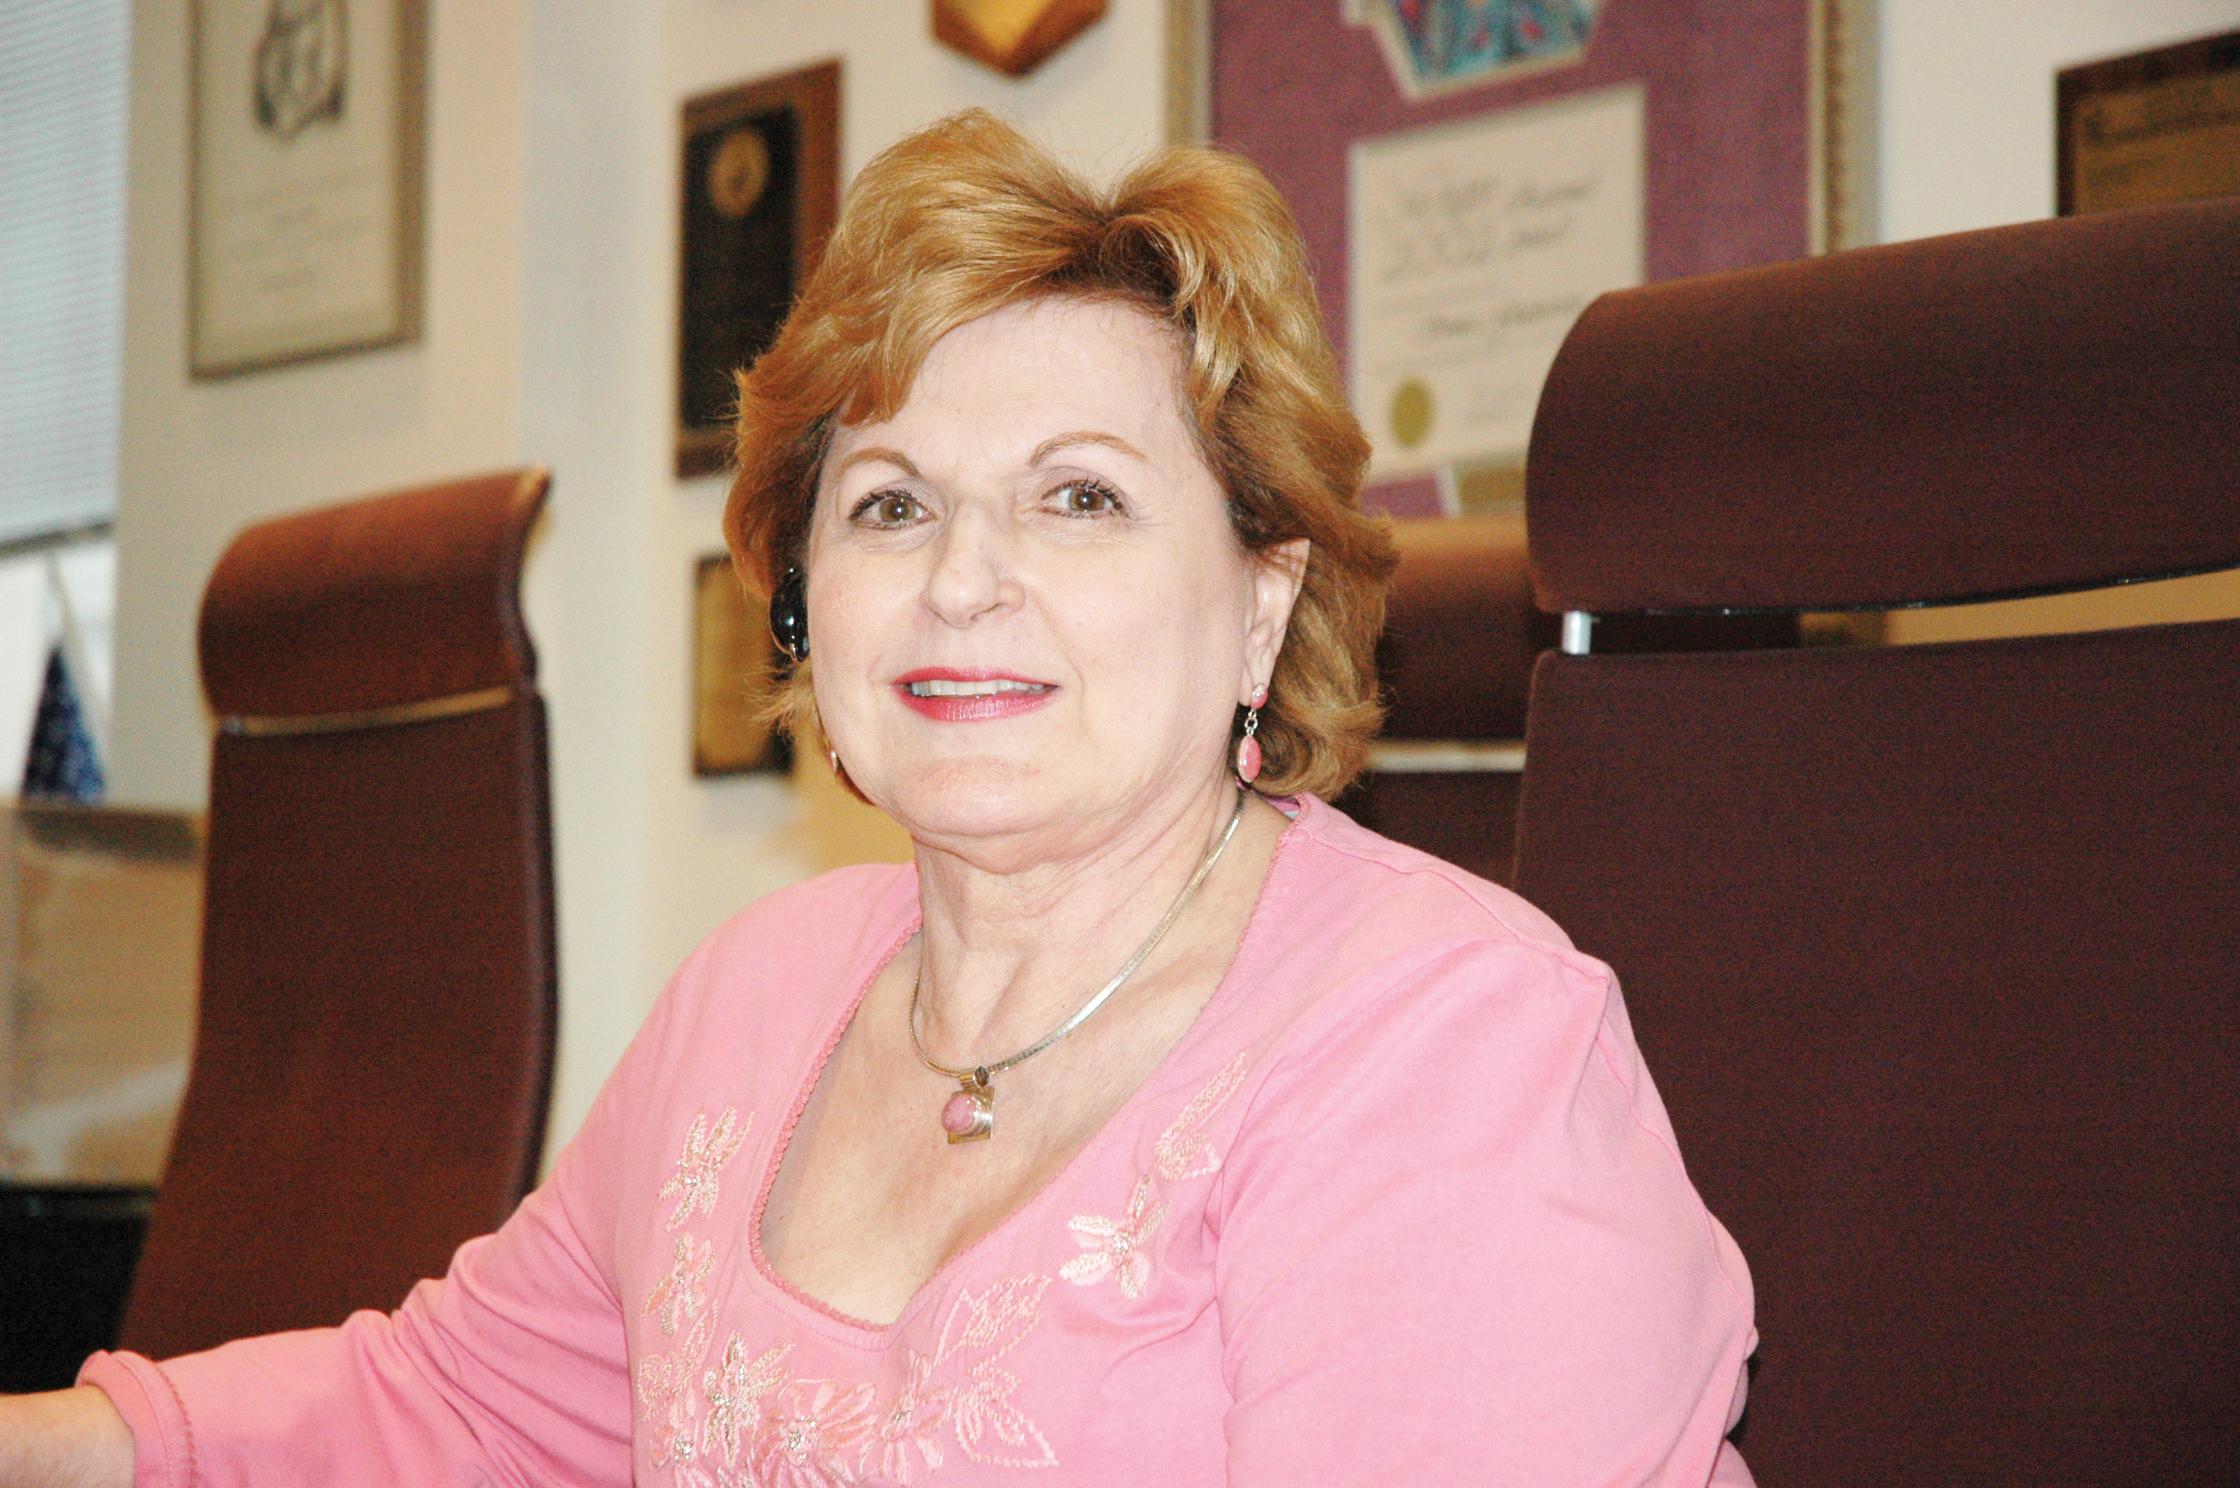 Líder comunitaria  Sonia Gutiérrez se jubila después de 50 años